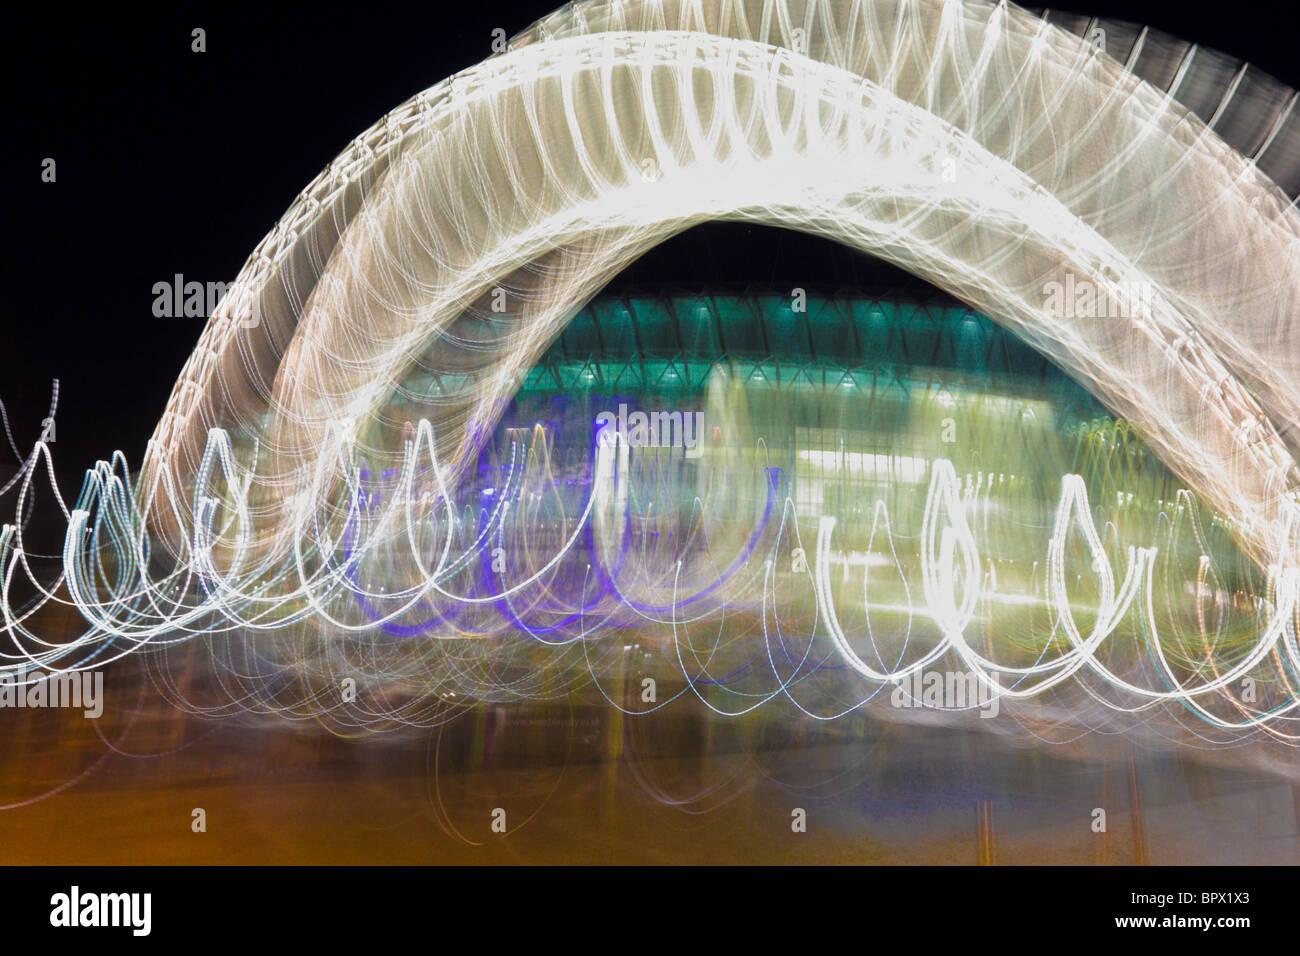 Abstract di flussi di luce catturata a notte tramite pan e metodo di spostamento. Immagini Stock